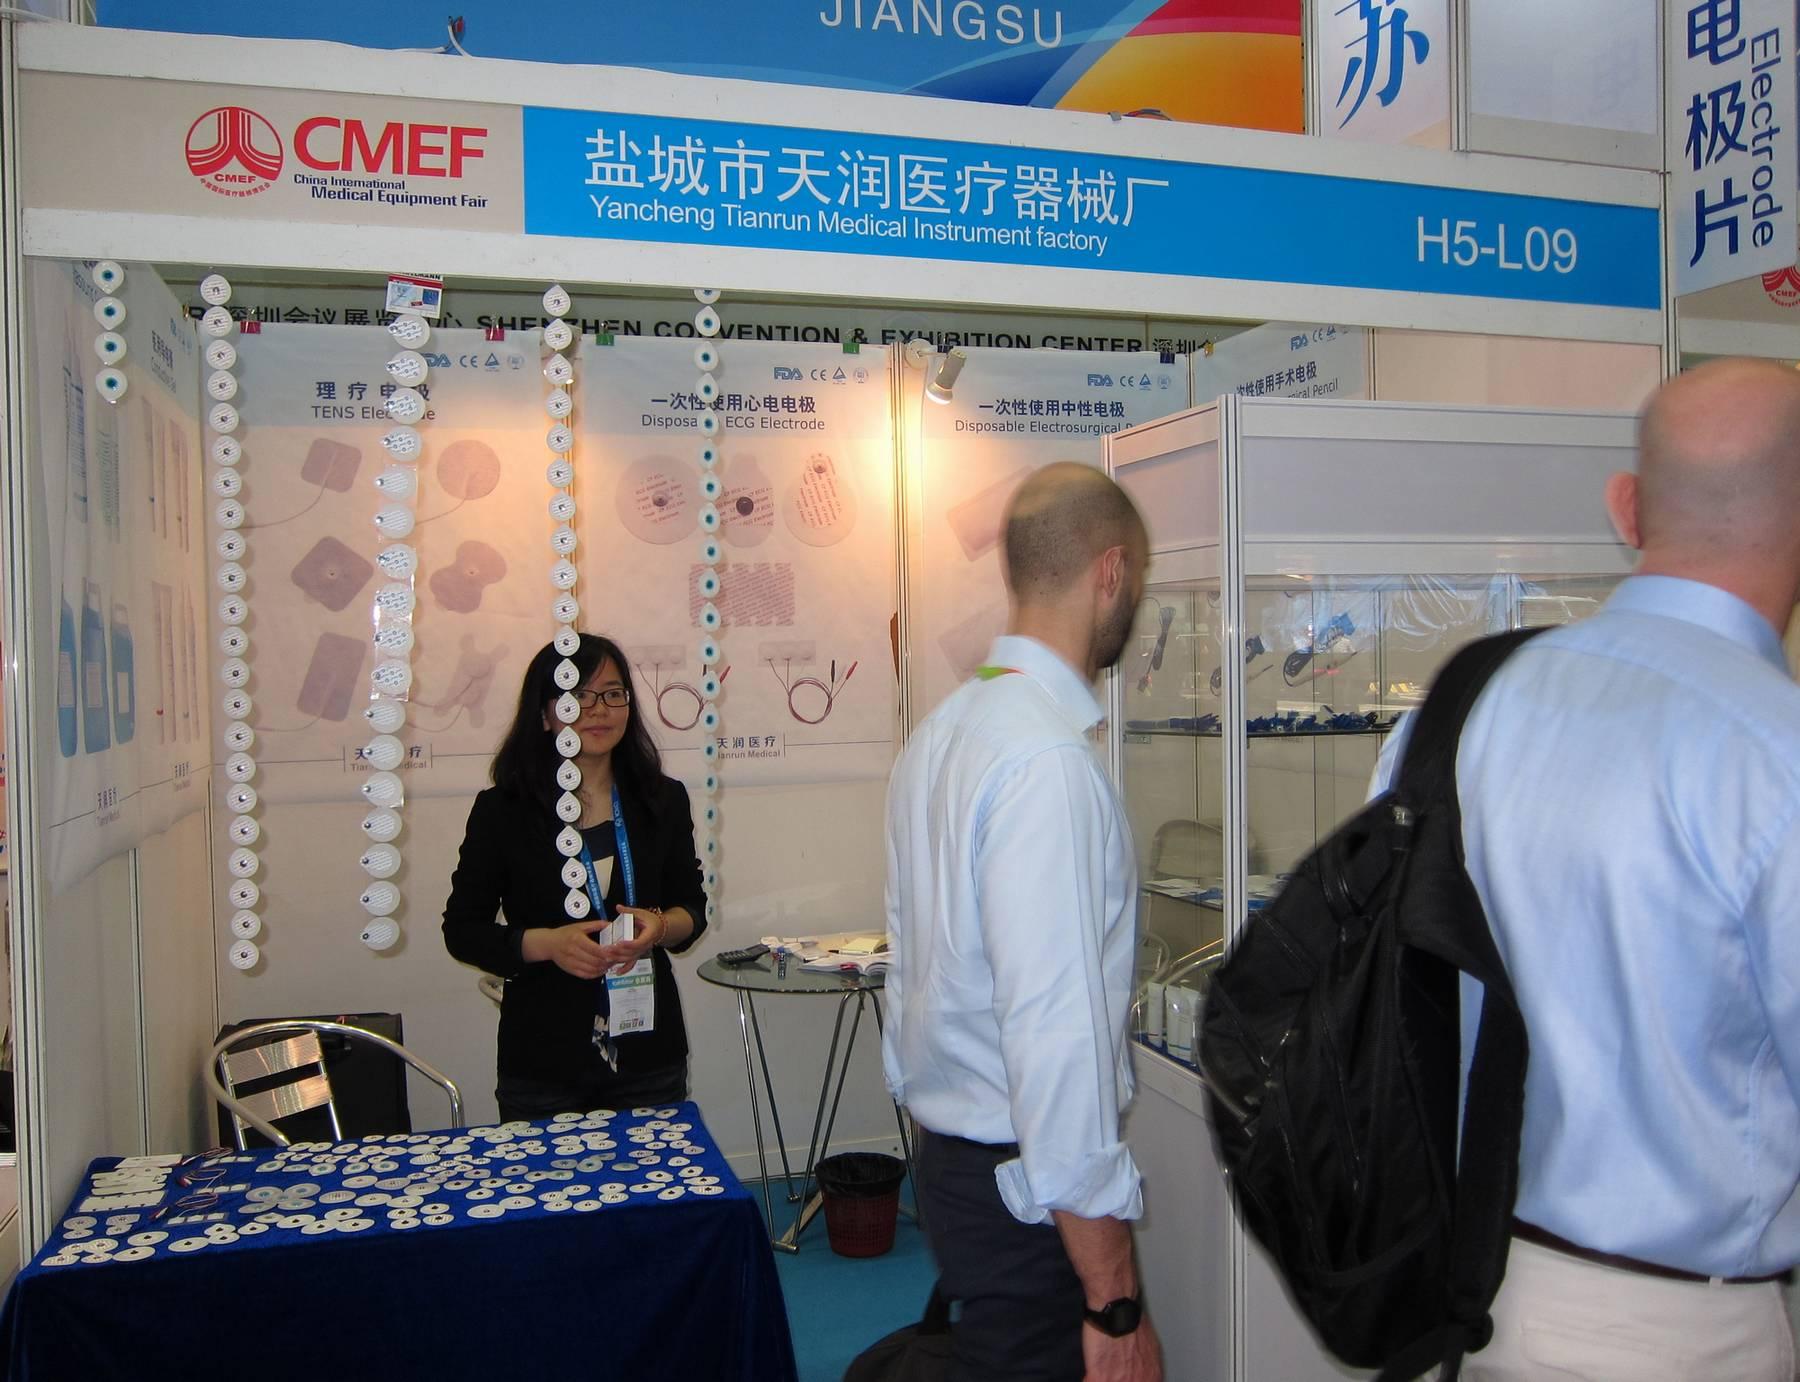 71st CMEF Shenzhen (2014)